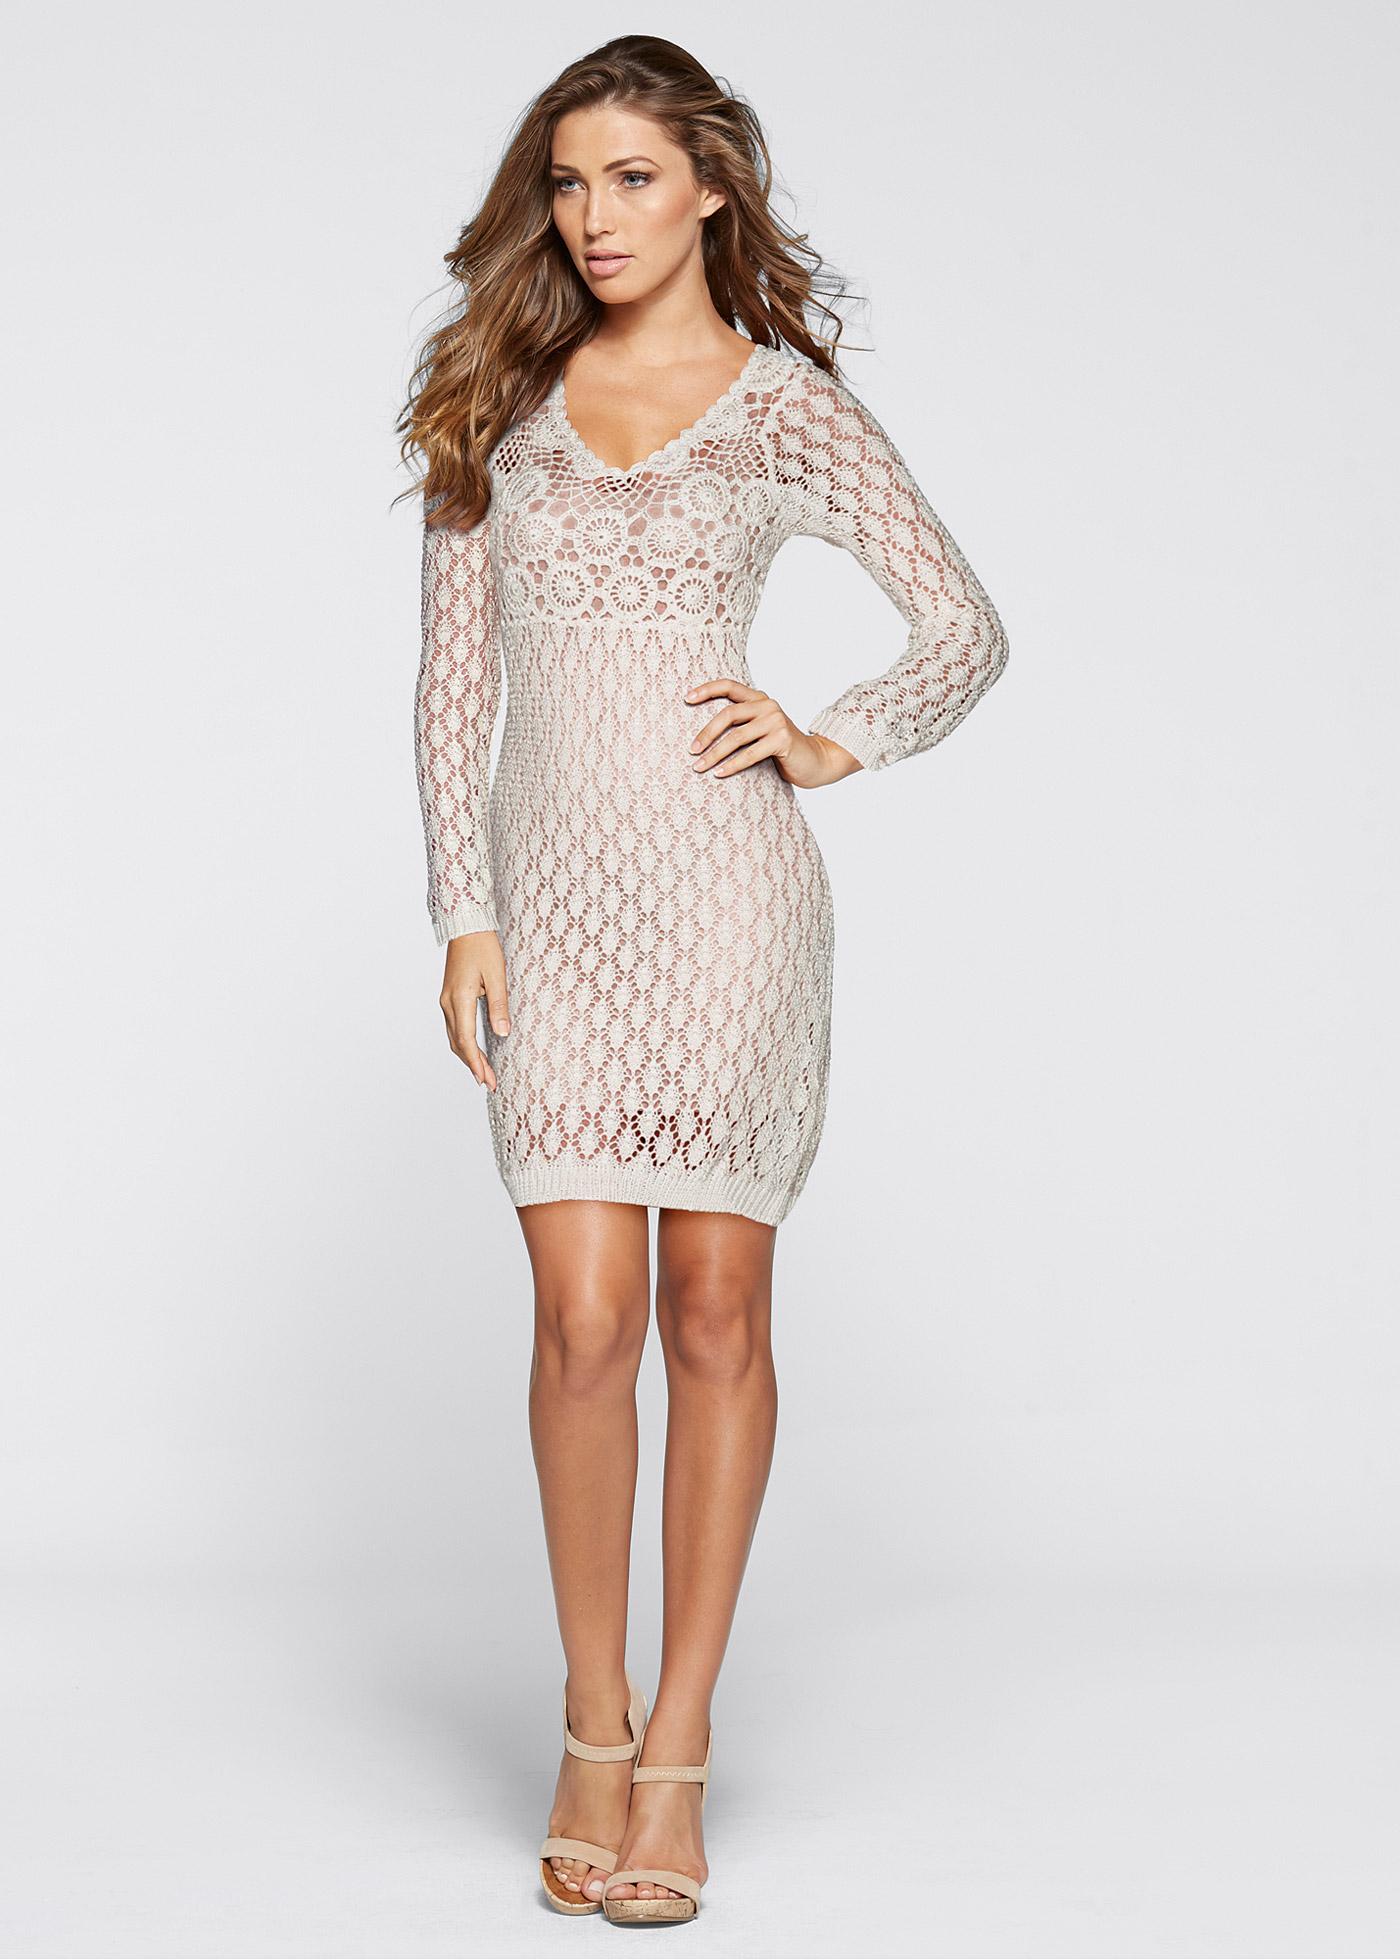 Купить Платье Вязаное С Кружевом